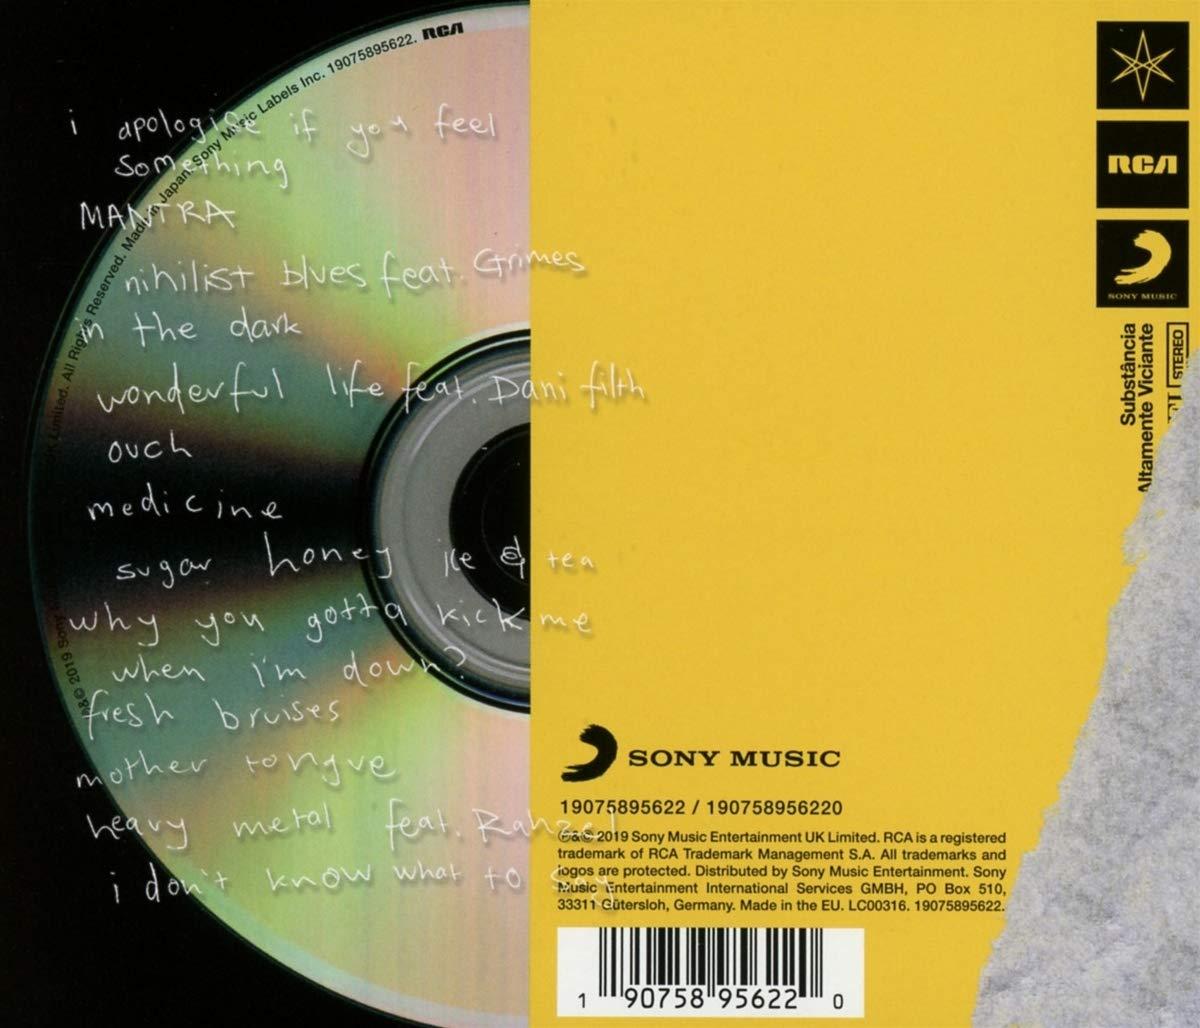 download bring me the horizon amo full album